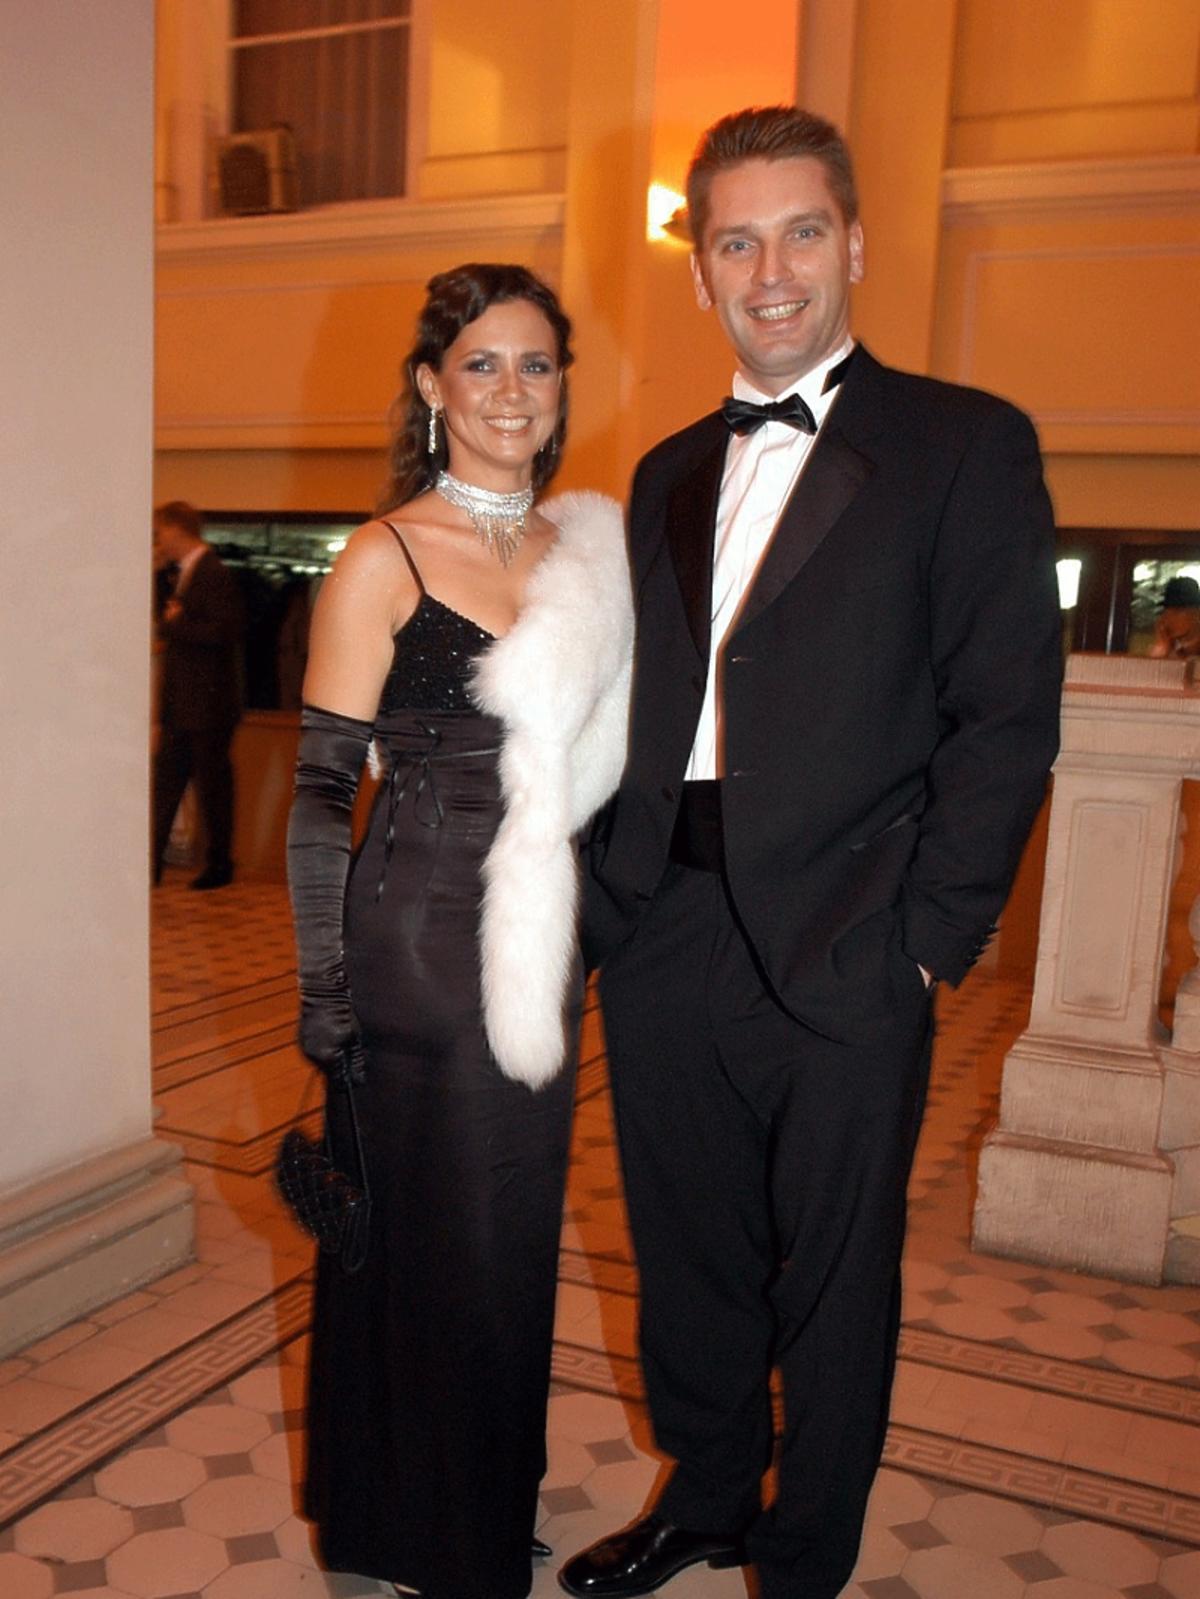 Kinga Rusin w czarnej balowej sukni, Tomasz Lis w garniturze na Balu Dziennikarzy